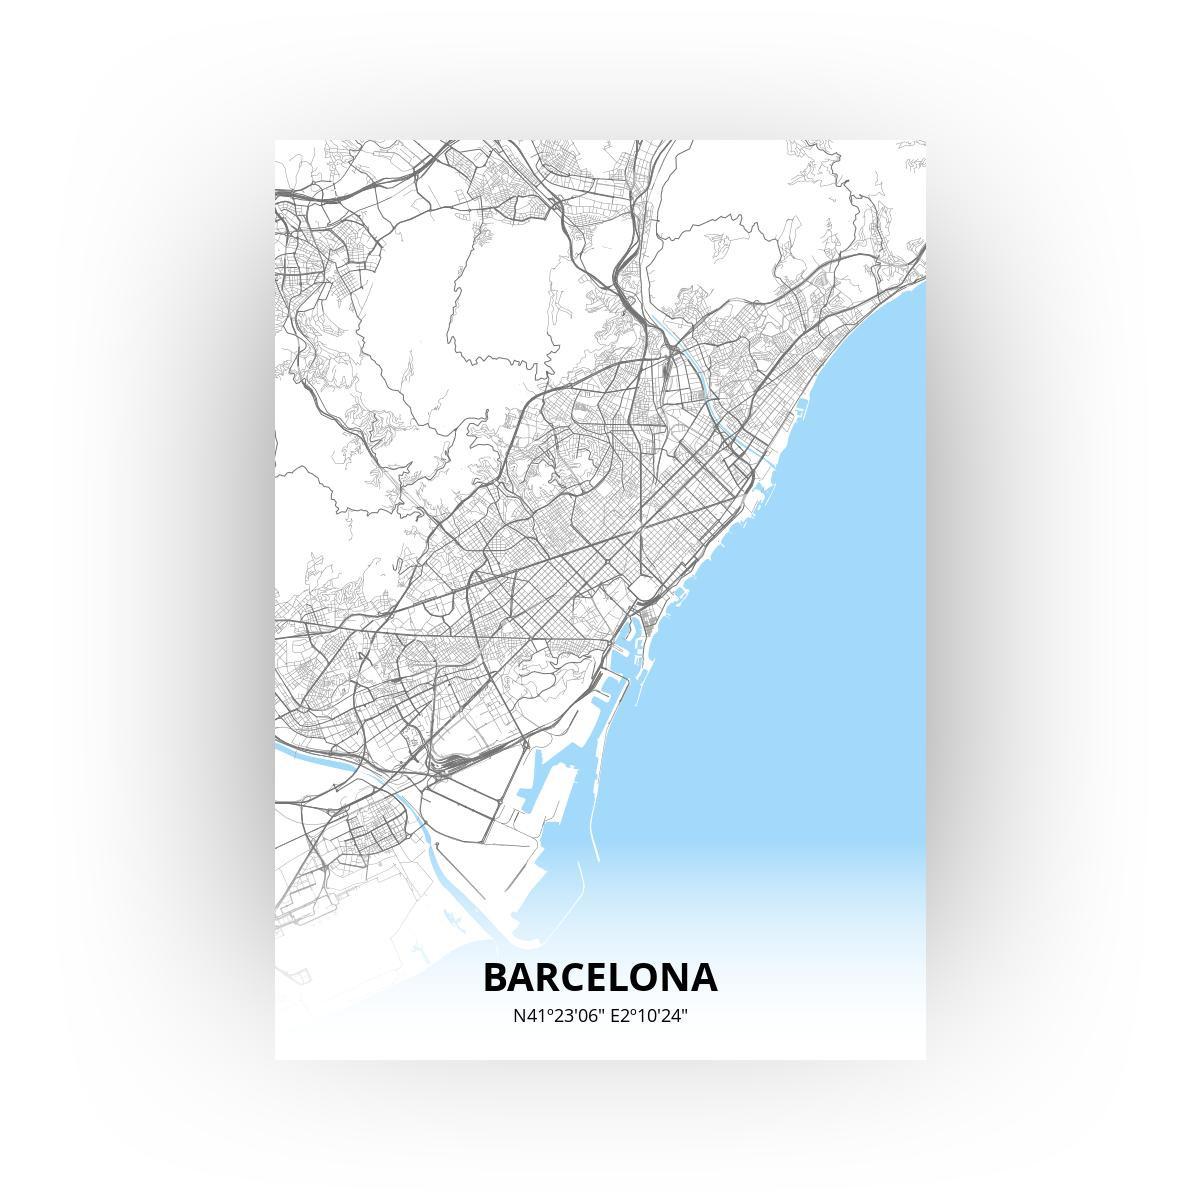 Barcelona poster - Zelf aan te passen!